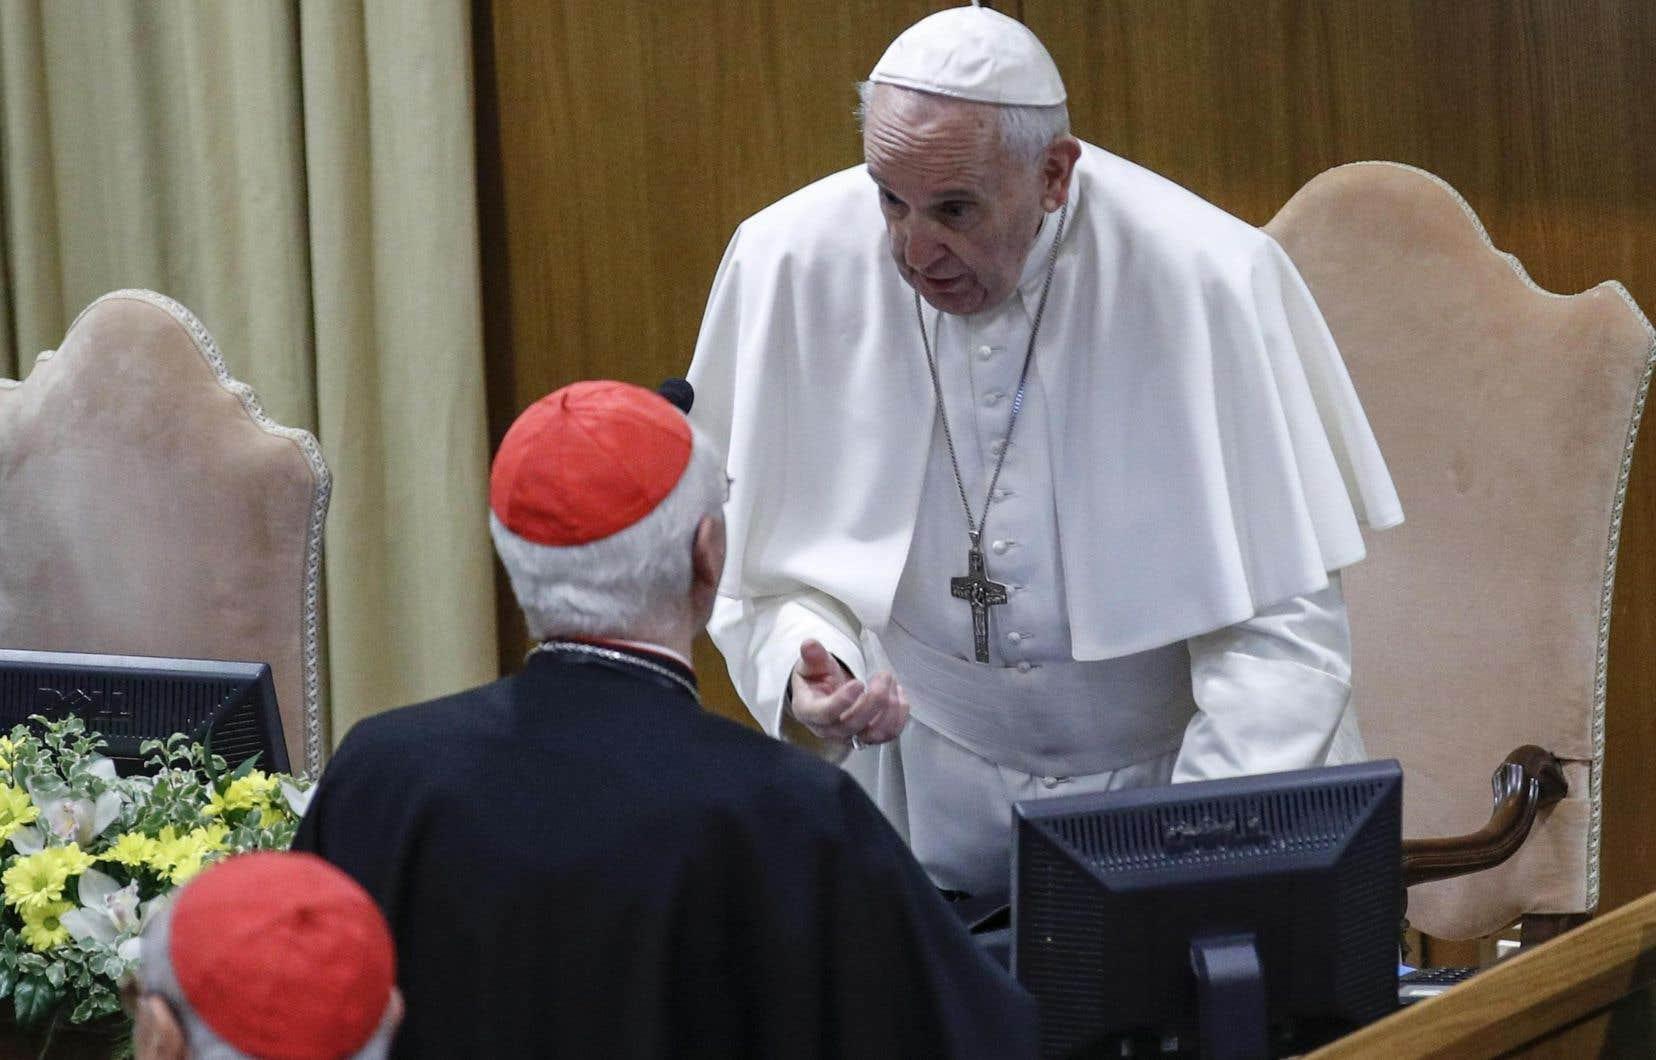 Au deuxième jour de la réunion extraordinaire du pape avec les dirigeants catholiques, la hiérarchie de l'Église s'est livrée à un mea culpa cinglant et douloureux sur son échec passé à protéger les enfants des abus sexuels du clergé.